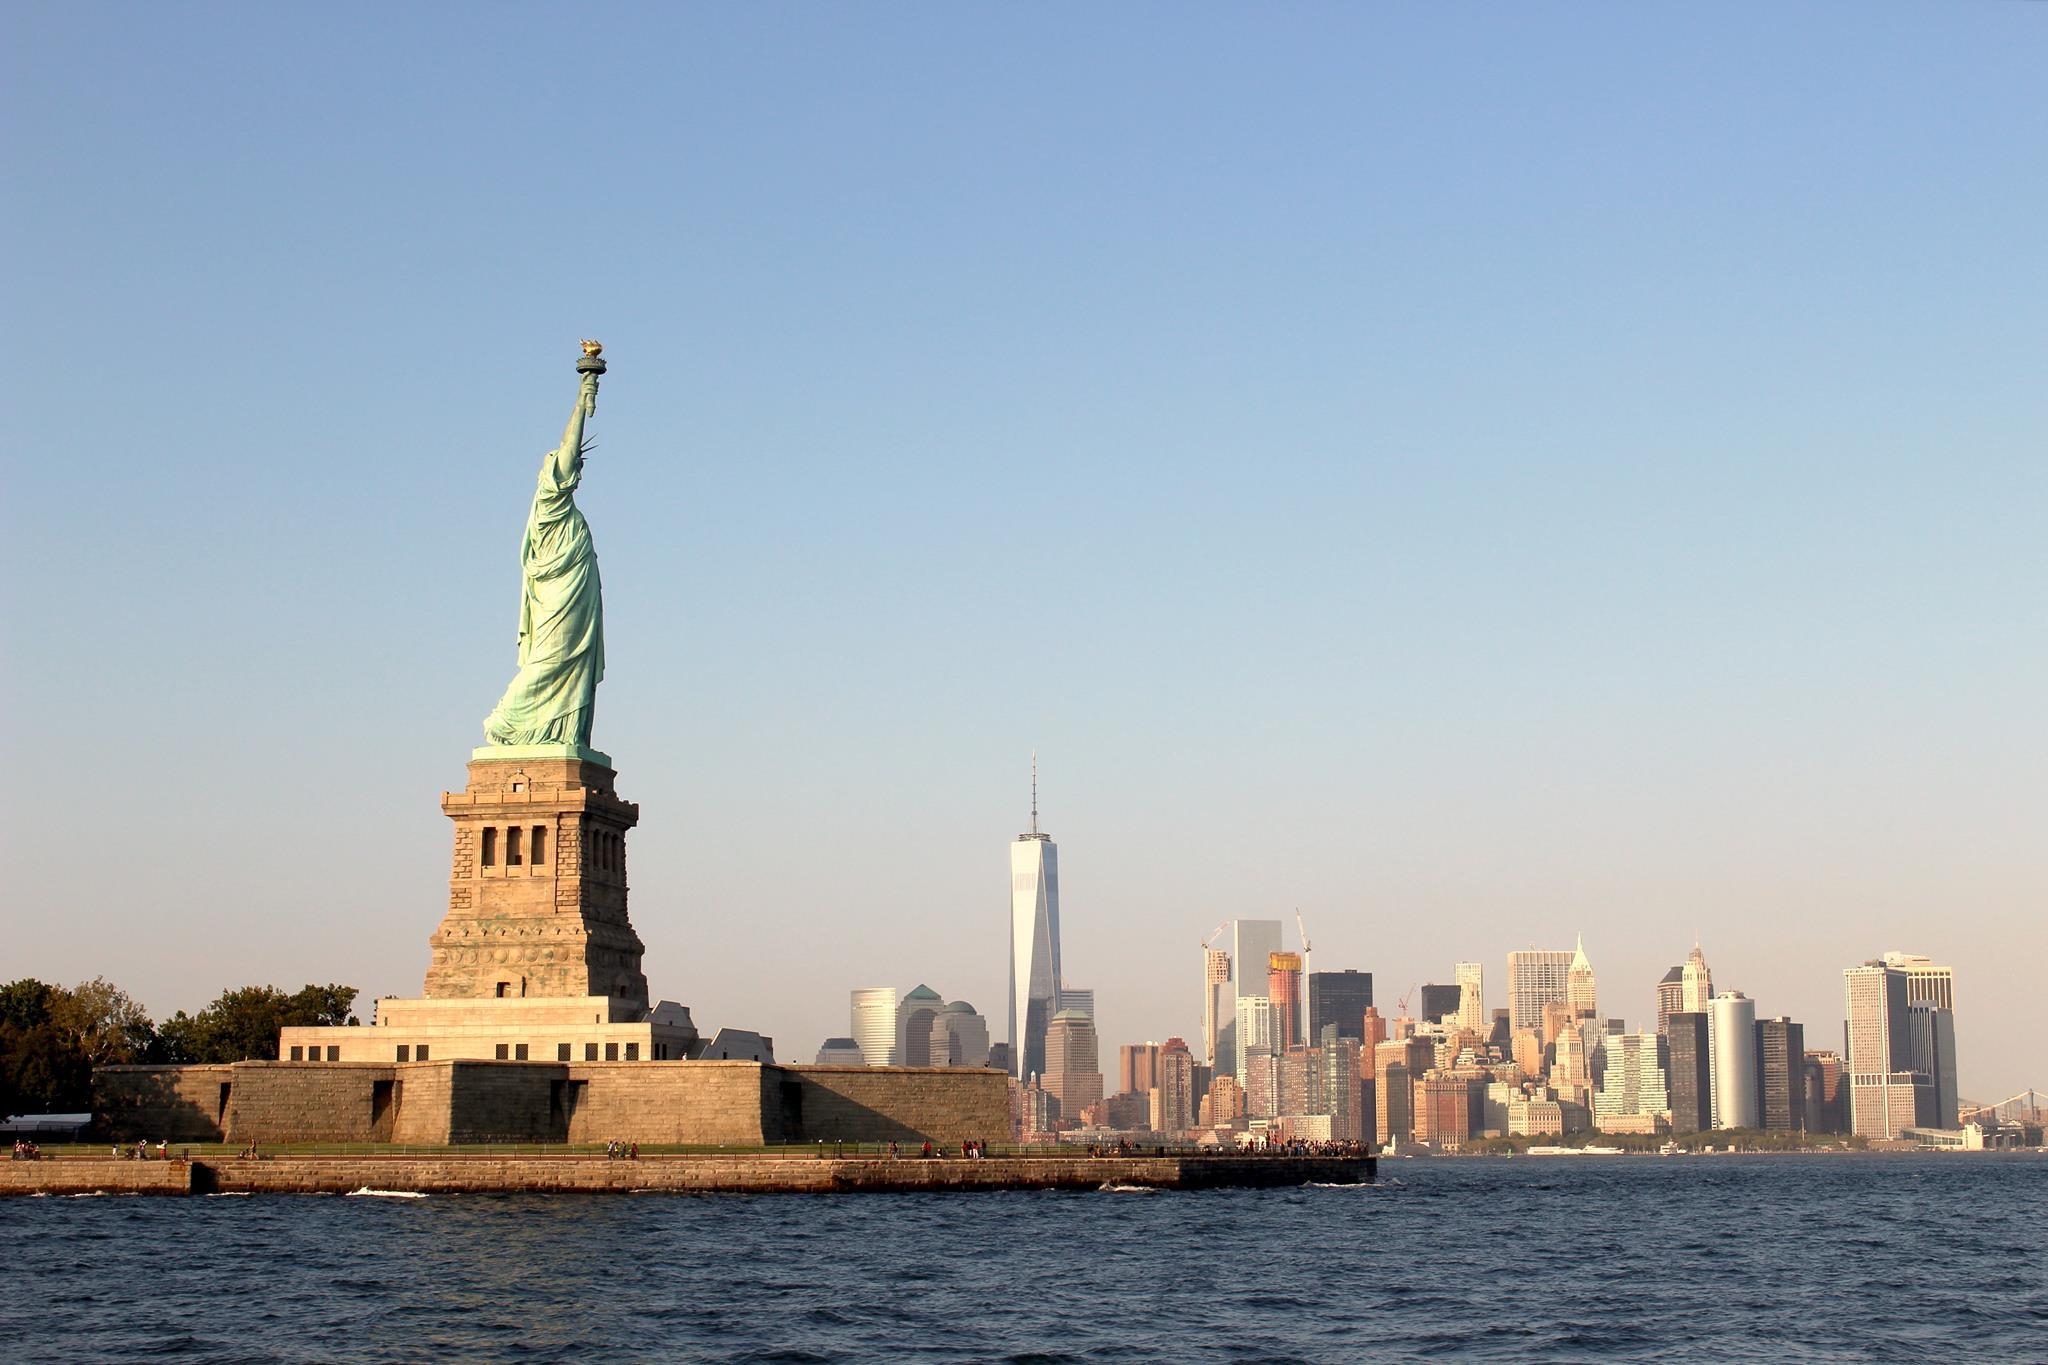 Estátua da Liberdade - quatro maneiras de apreciar o monumento icônico em  Nova York – Blog da Laura Peruchi – Tudo sobre Nova York